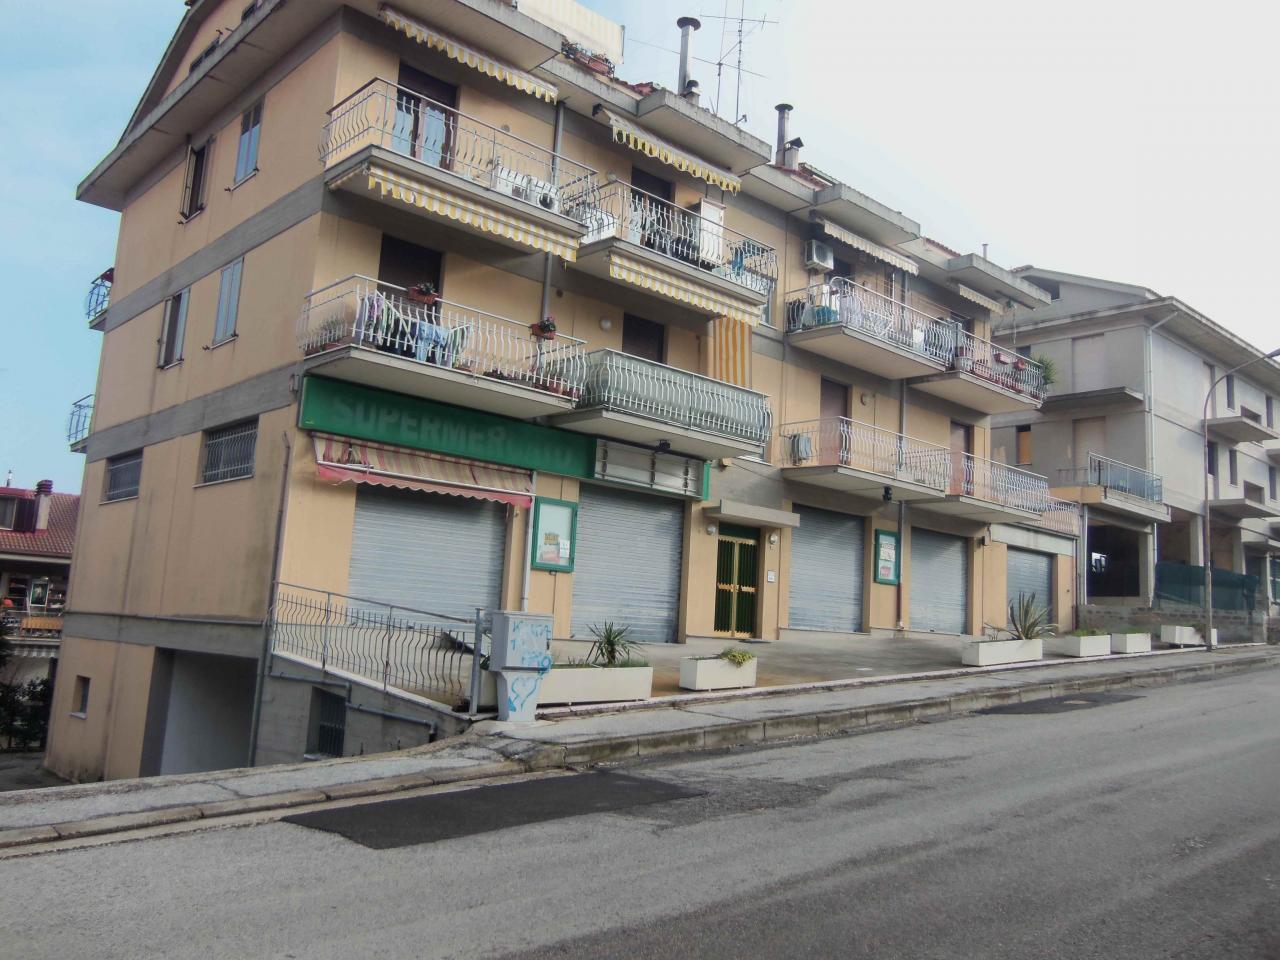 Negozio / Locale in affitto a Acquaviva Picena, 9999 locali, Trattative riservate   CambioCasa.it